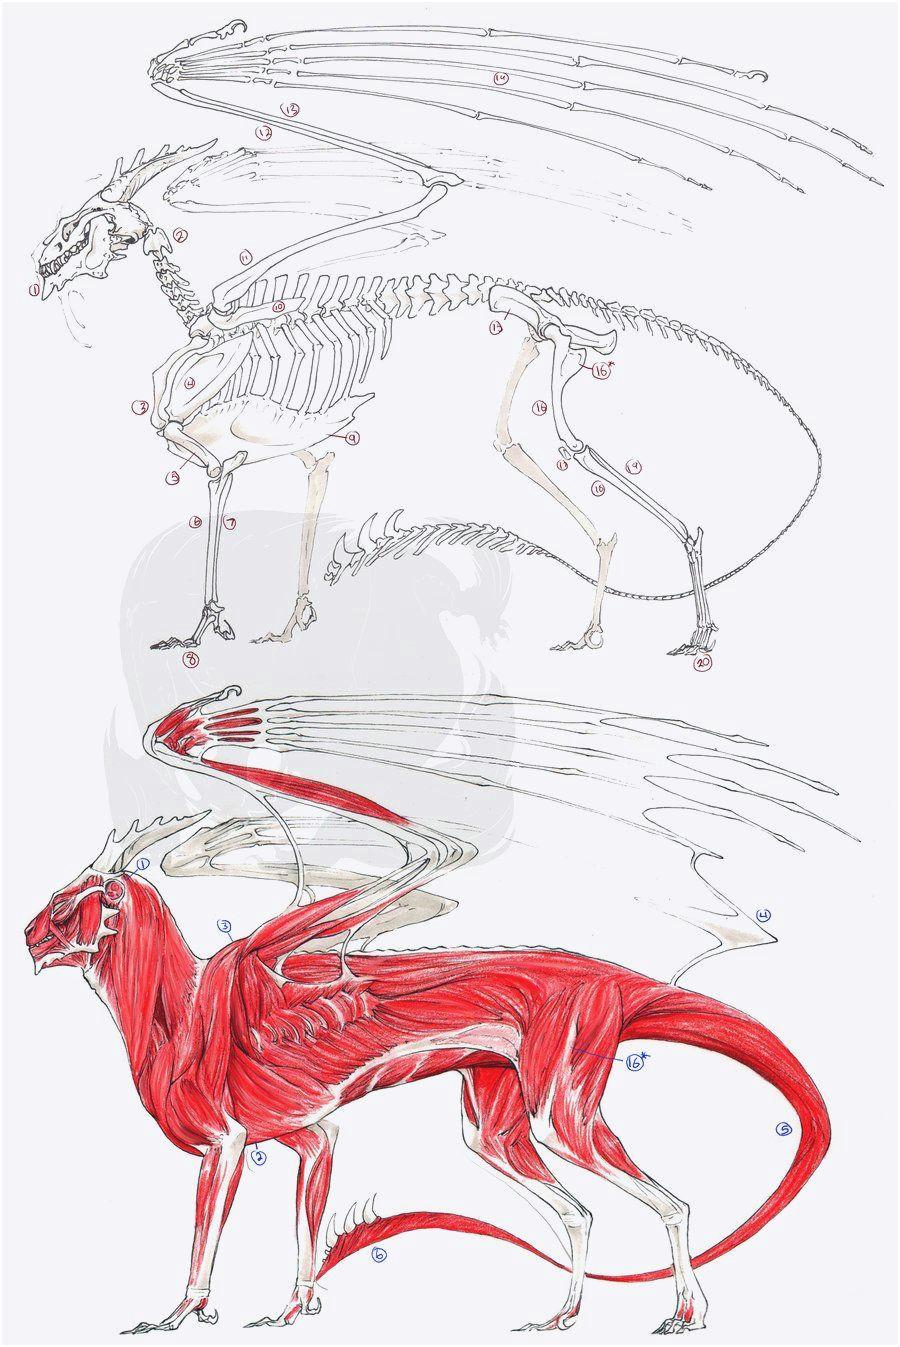 european dragon anatomy by pythosblazeviantart drachen zeichnen nacharbeitenfabelwesenvorlagenzeichnungenfantasiedracheanatomieverweistieranatomie